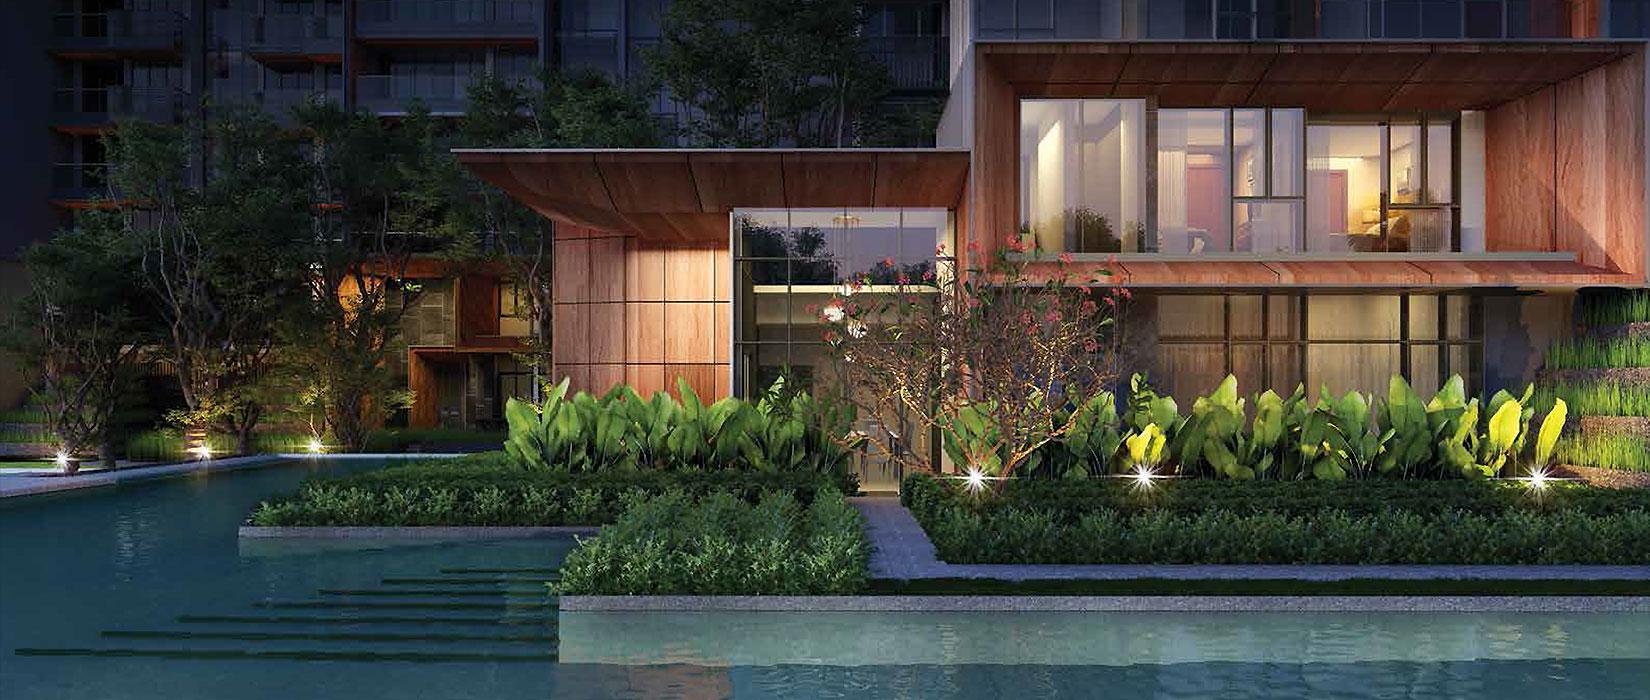 leedon-green-garden-villa2-singapore